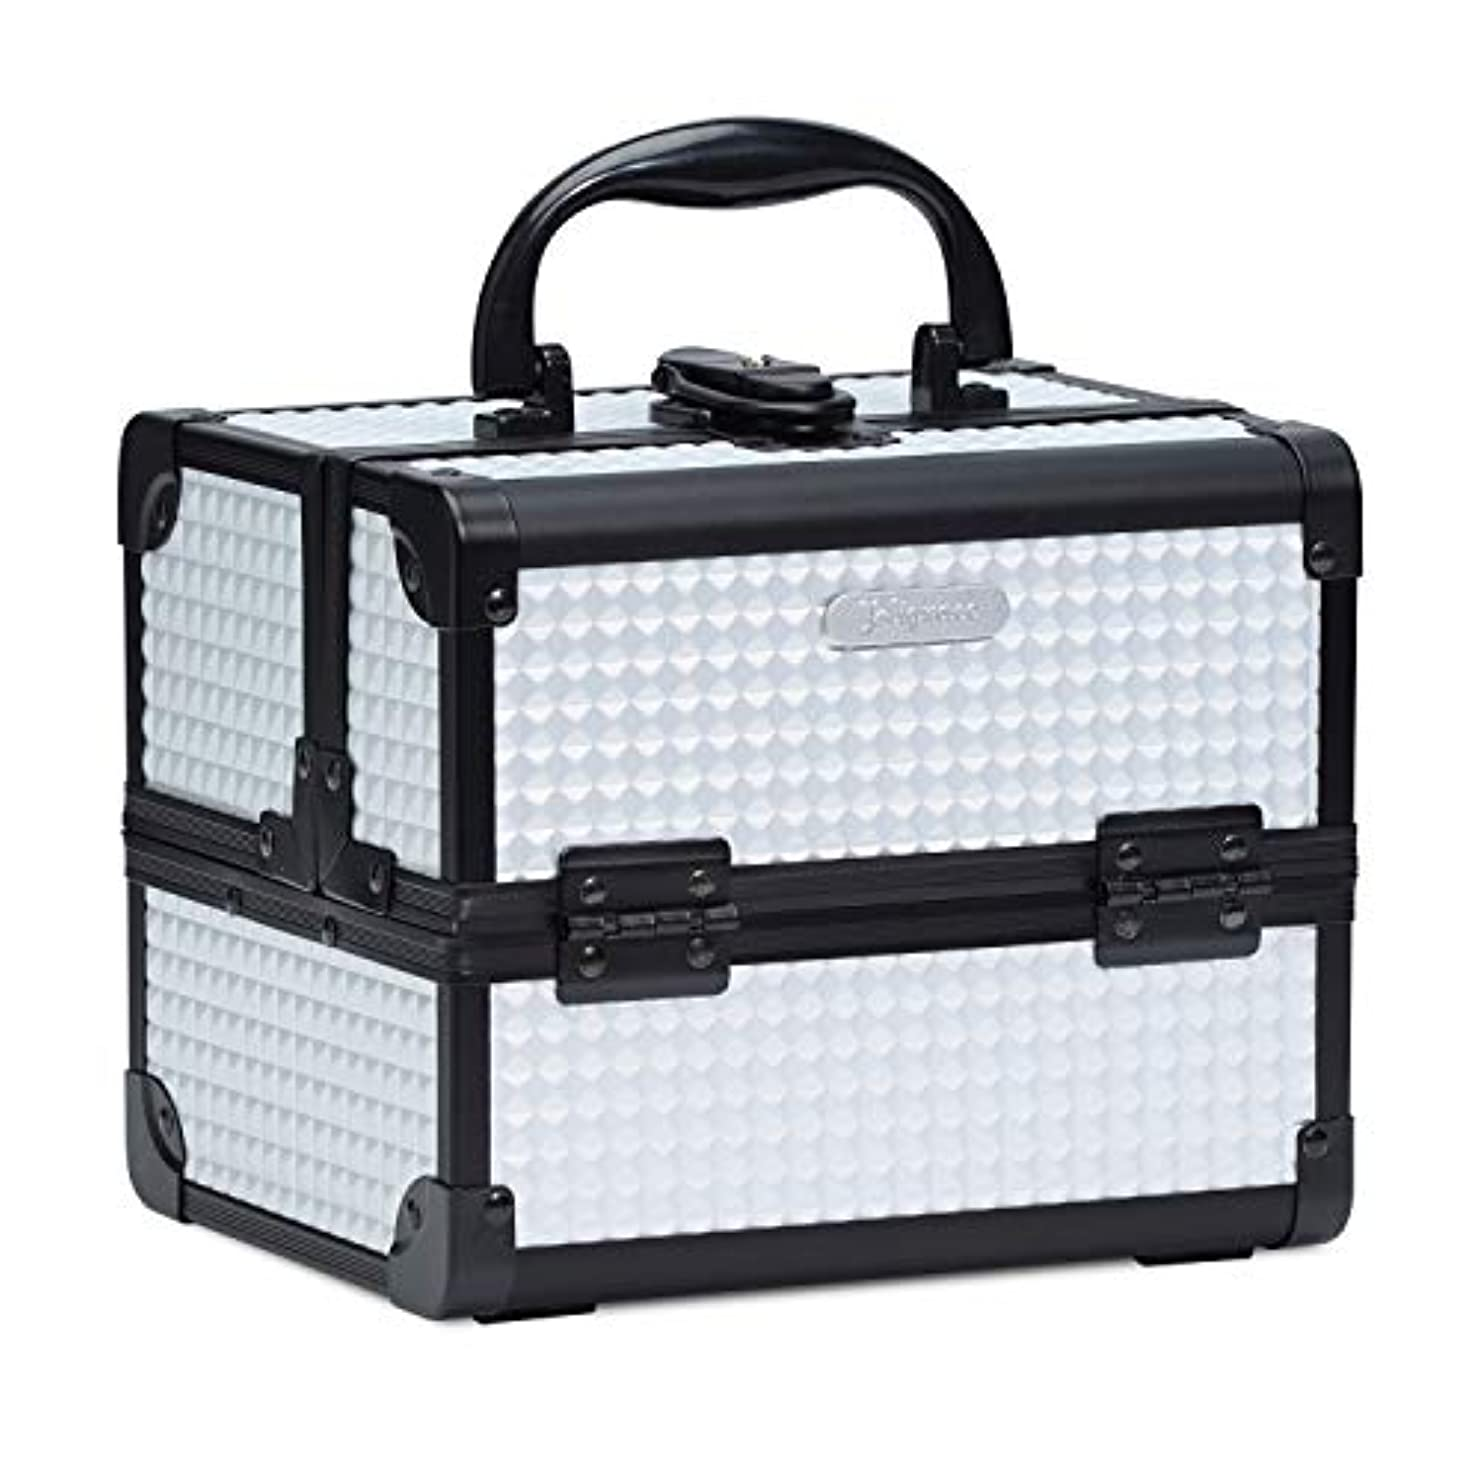 凝視自然可塑性Hapilife コスメボックス 鏡付き スライドトレイ メイク用品収納 プロ仕様 小型 化粧箱